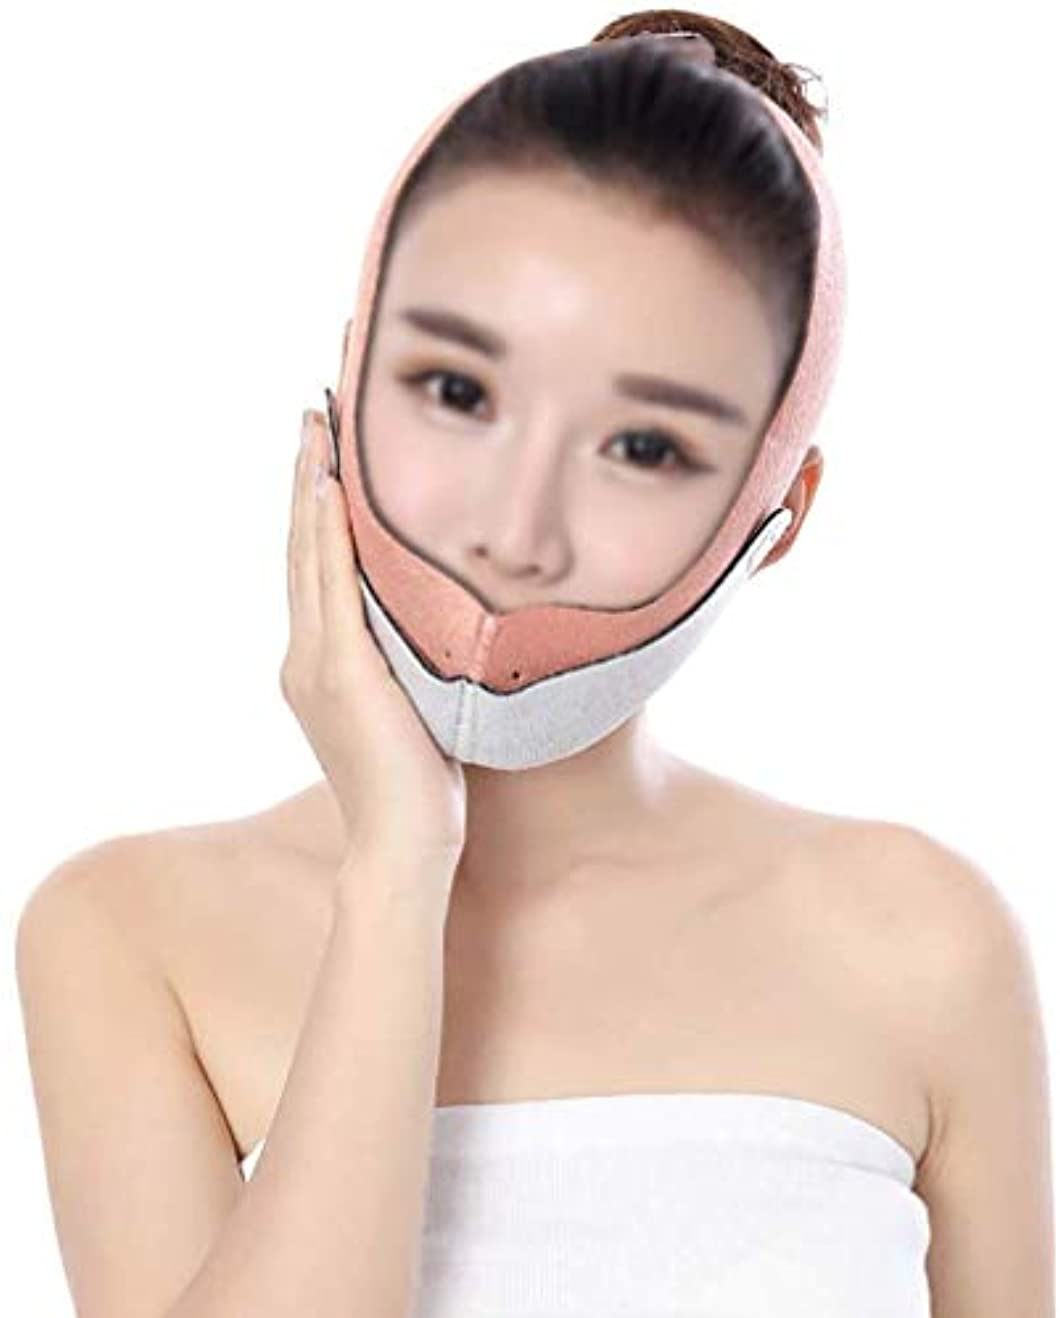 シュガージョージハンブリーウッズ美容と実用的な引き締めフェイスマスク、フェイスリフティングアーティファクト修正フェイスリフティングベルトたるみ防止包帯美容マスクマスクV顔布ツール